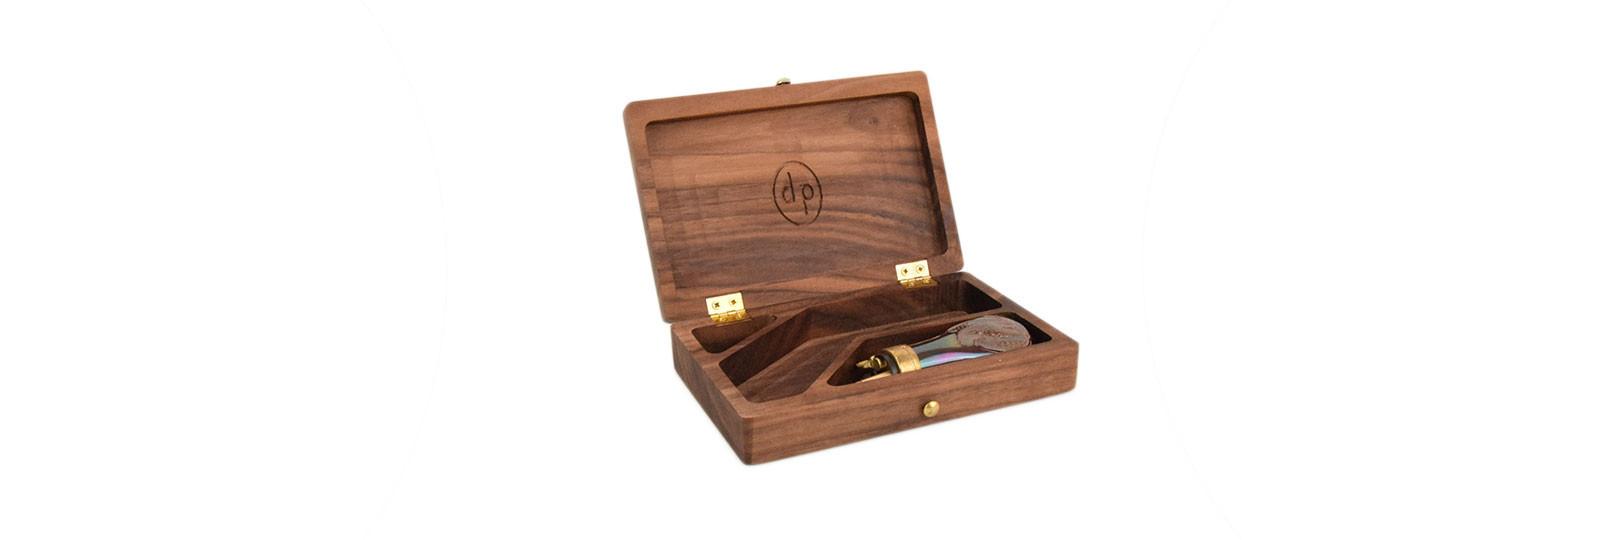 Cofanetto in legno per Derringer Liegi